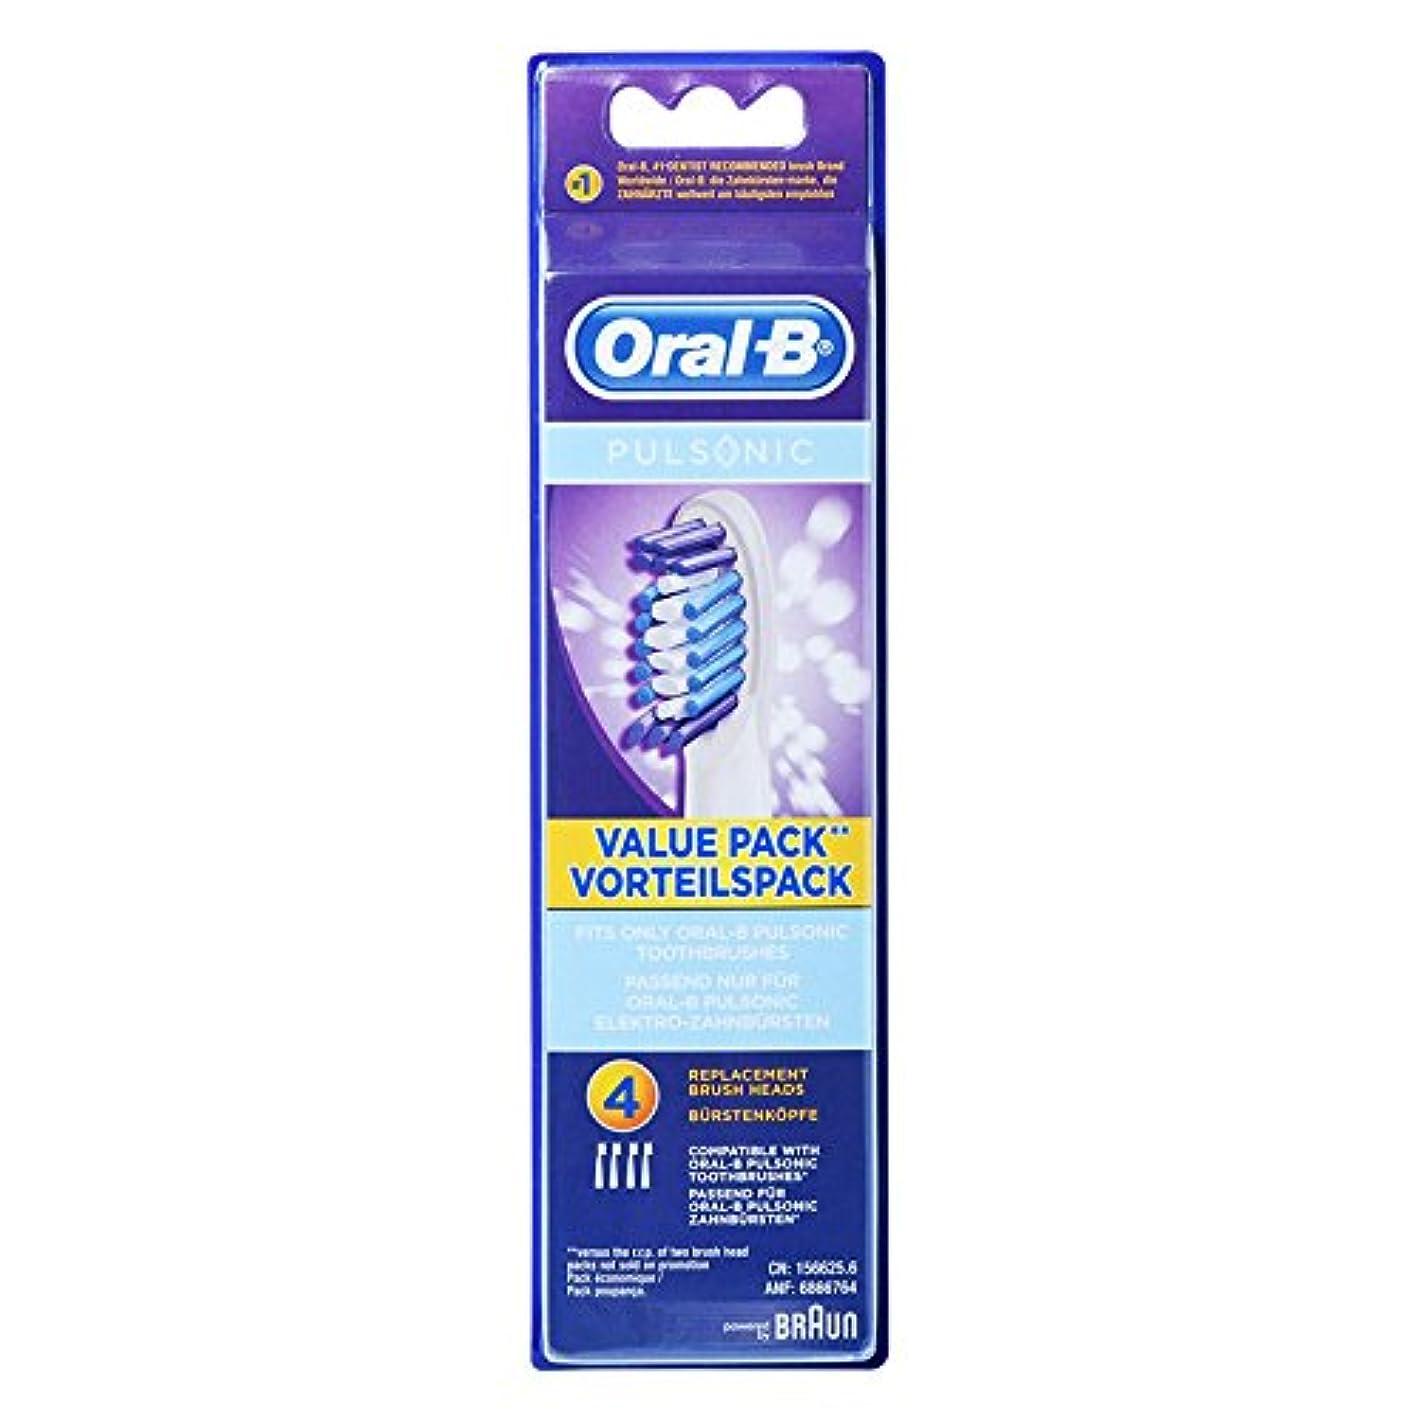 痛み置換テープBraun Oral-B SR32-4 Pulsonic Value Pack 交換用ブラシヘッド 1Pack [並行輸入品]